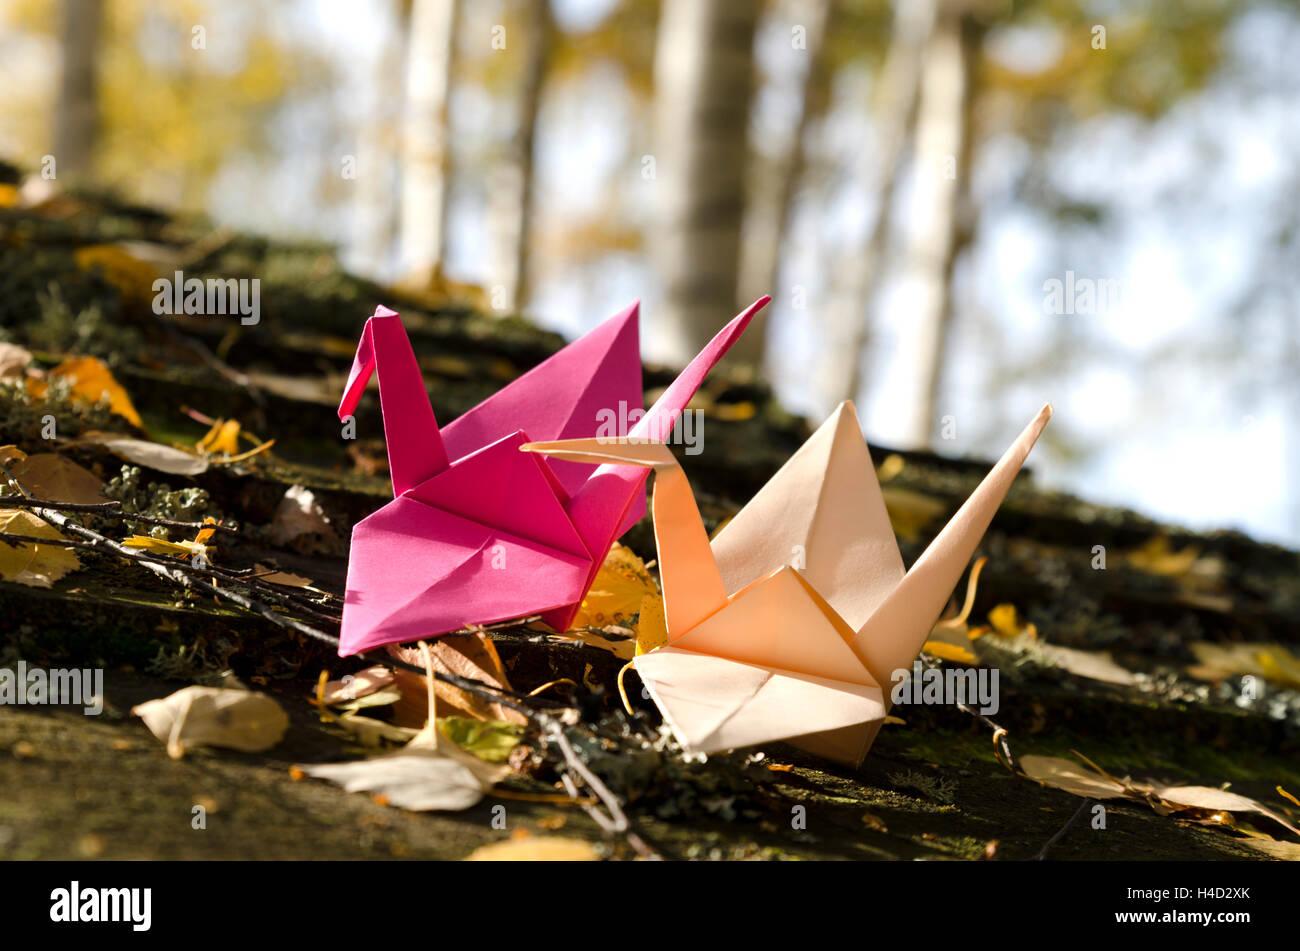 Dos grullas de origami en la naturaleza Imagen De Stock